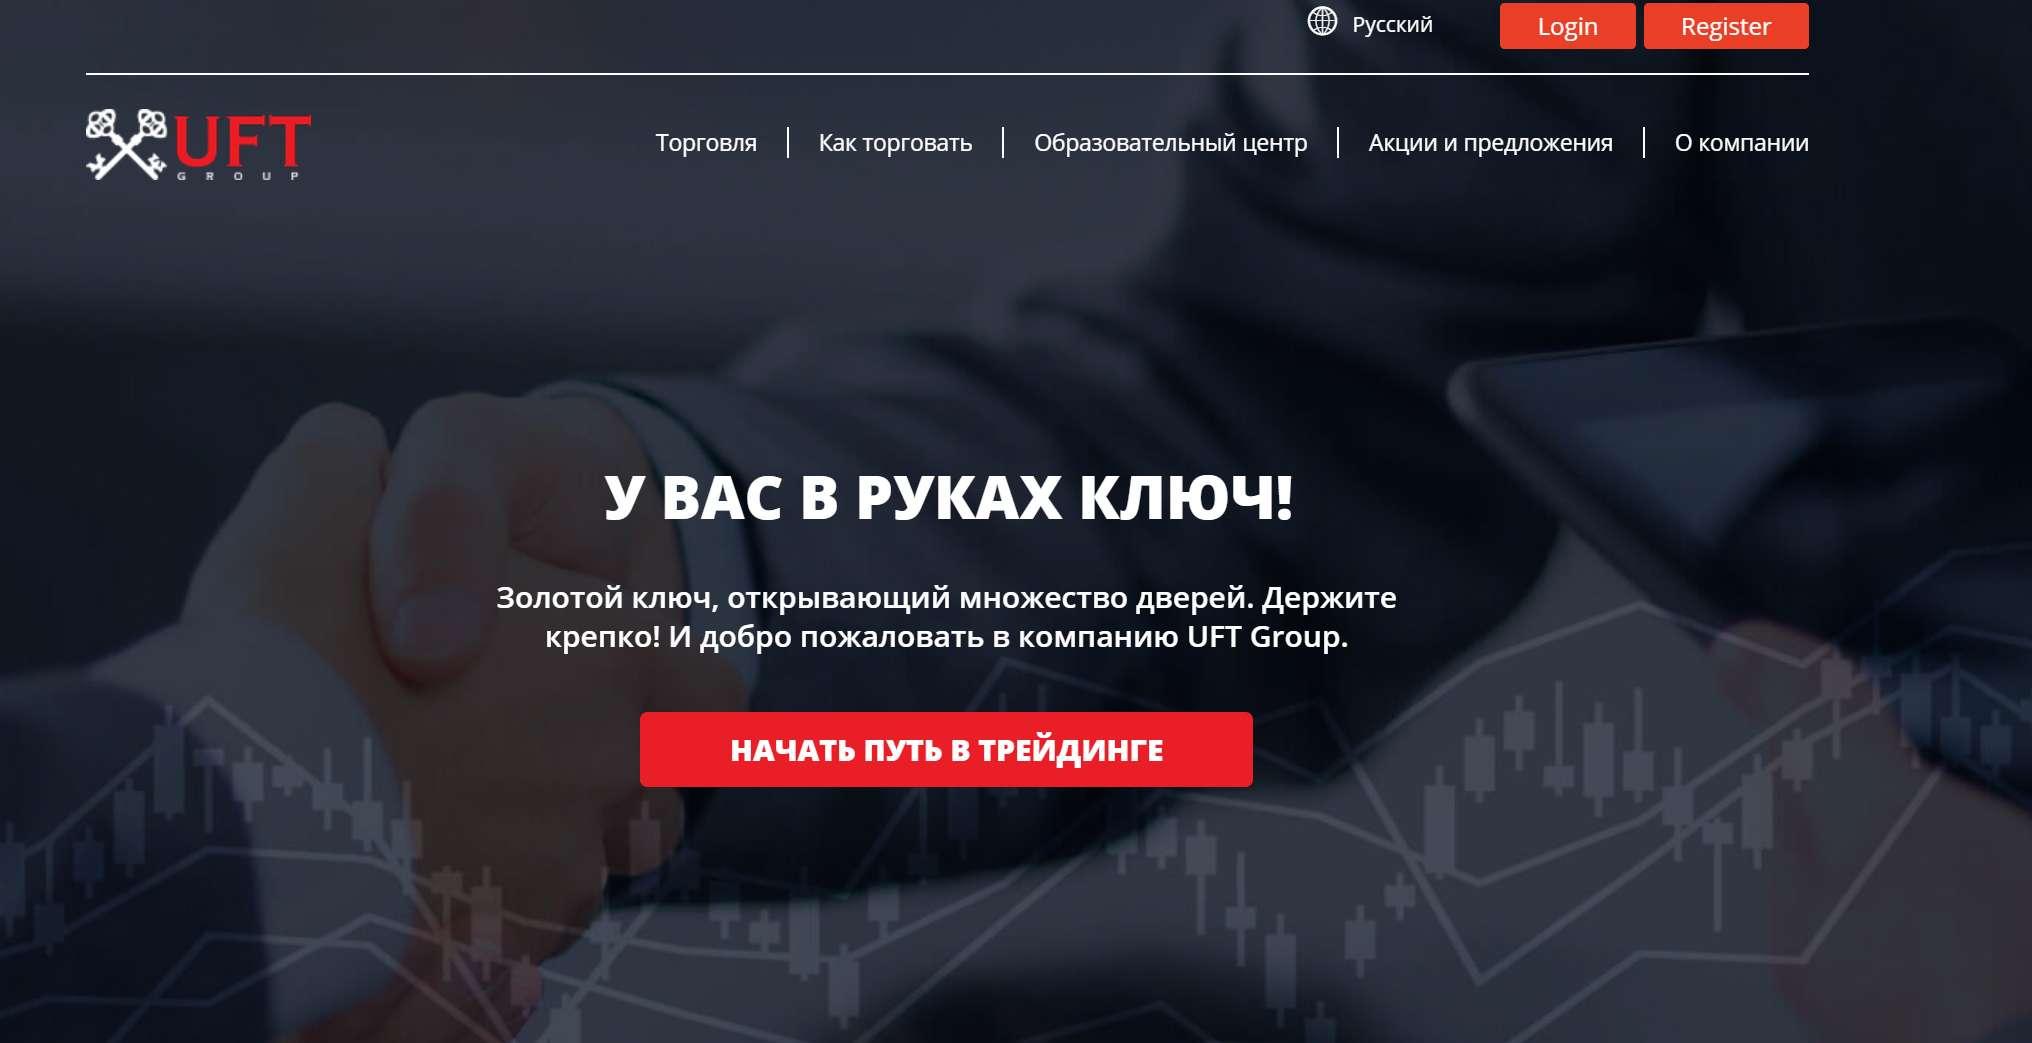 Псевдоброкер UFT Group - еще раз о старом лохотроне